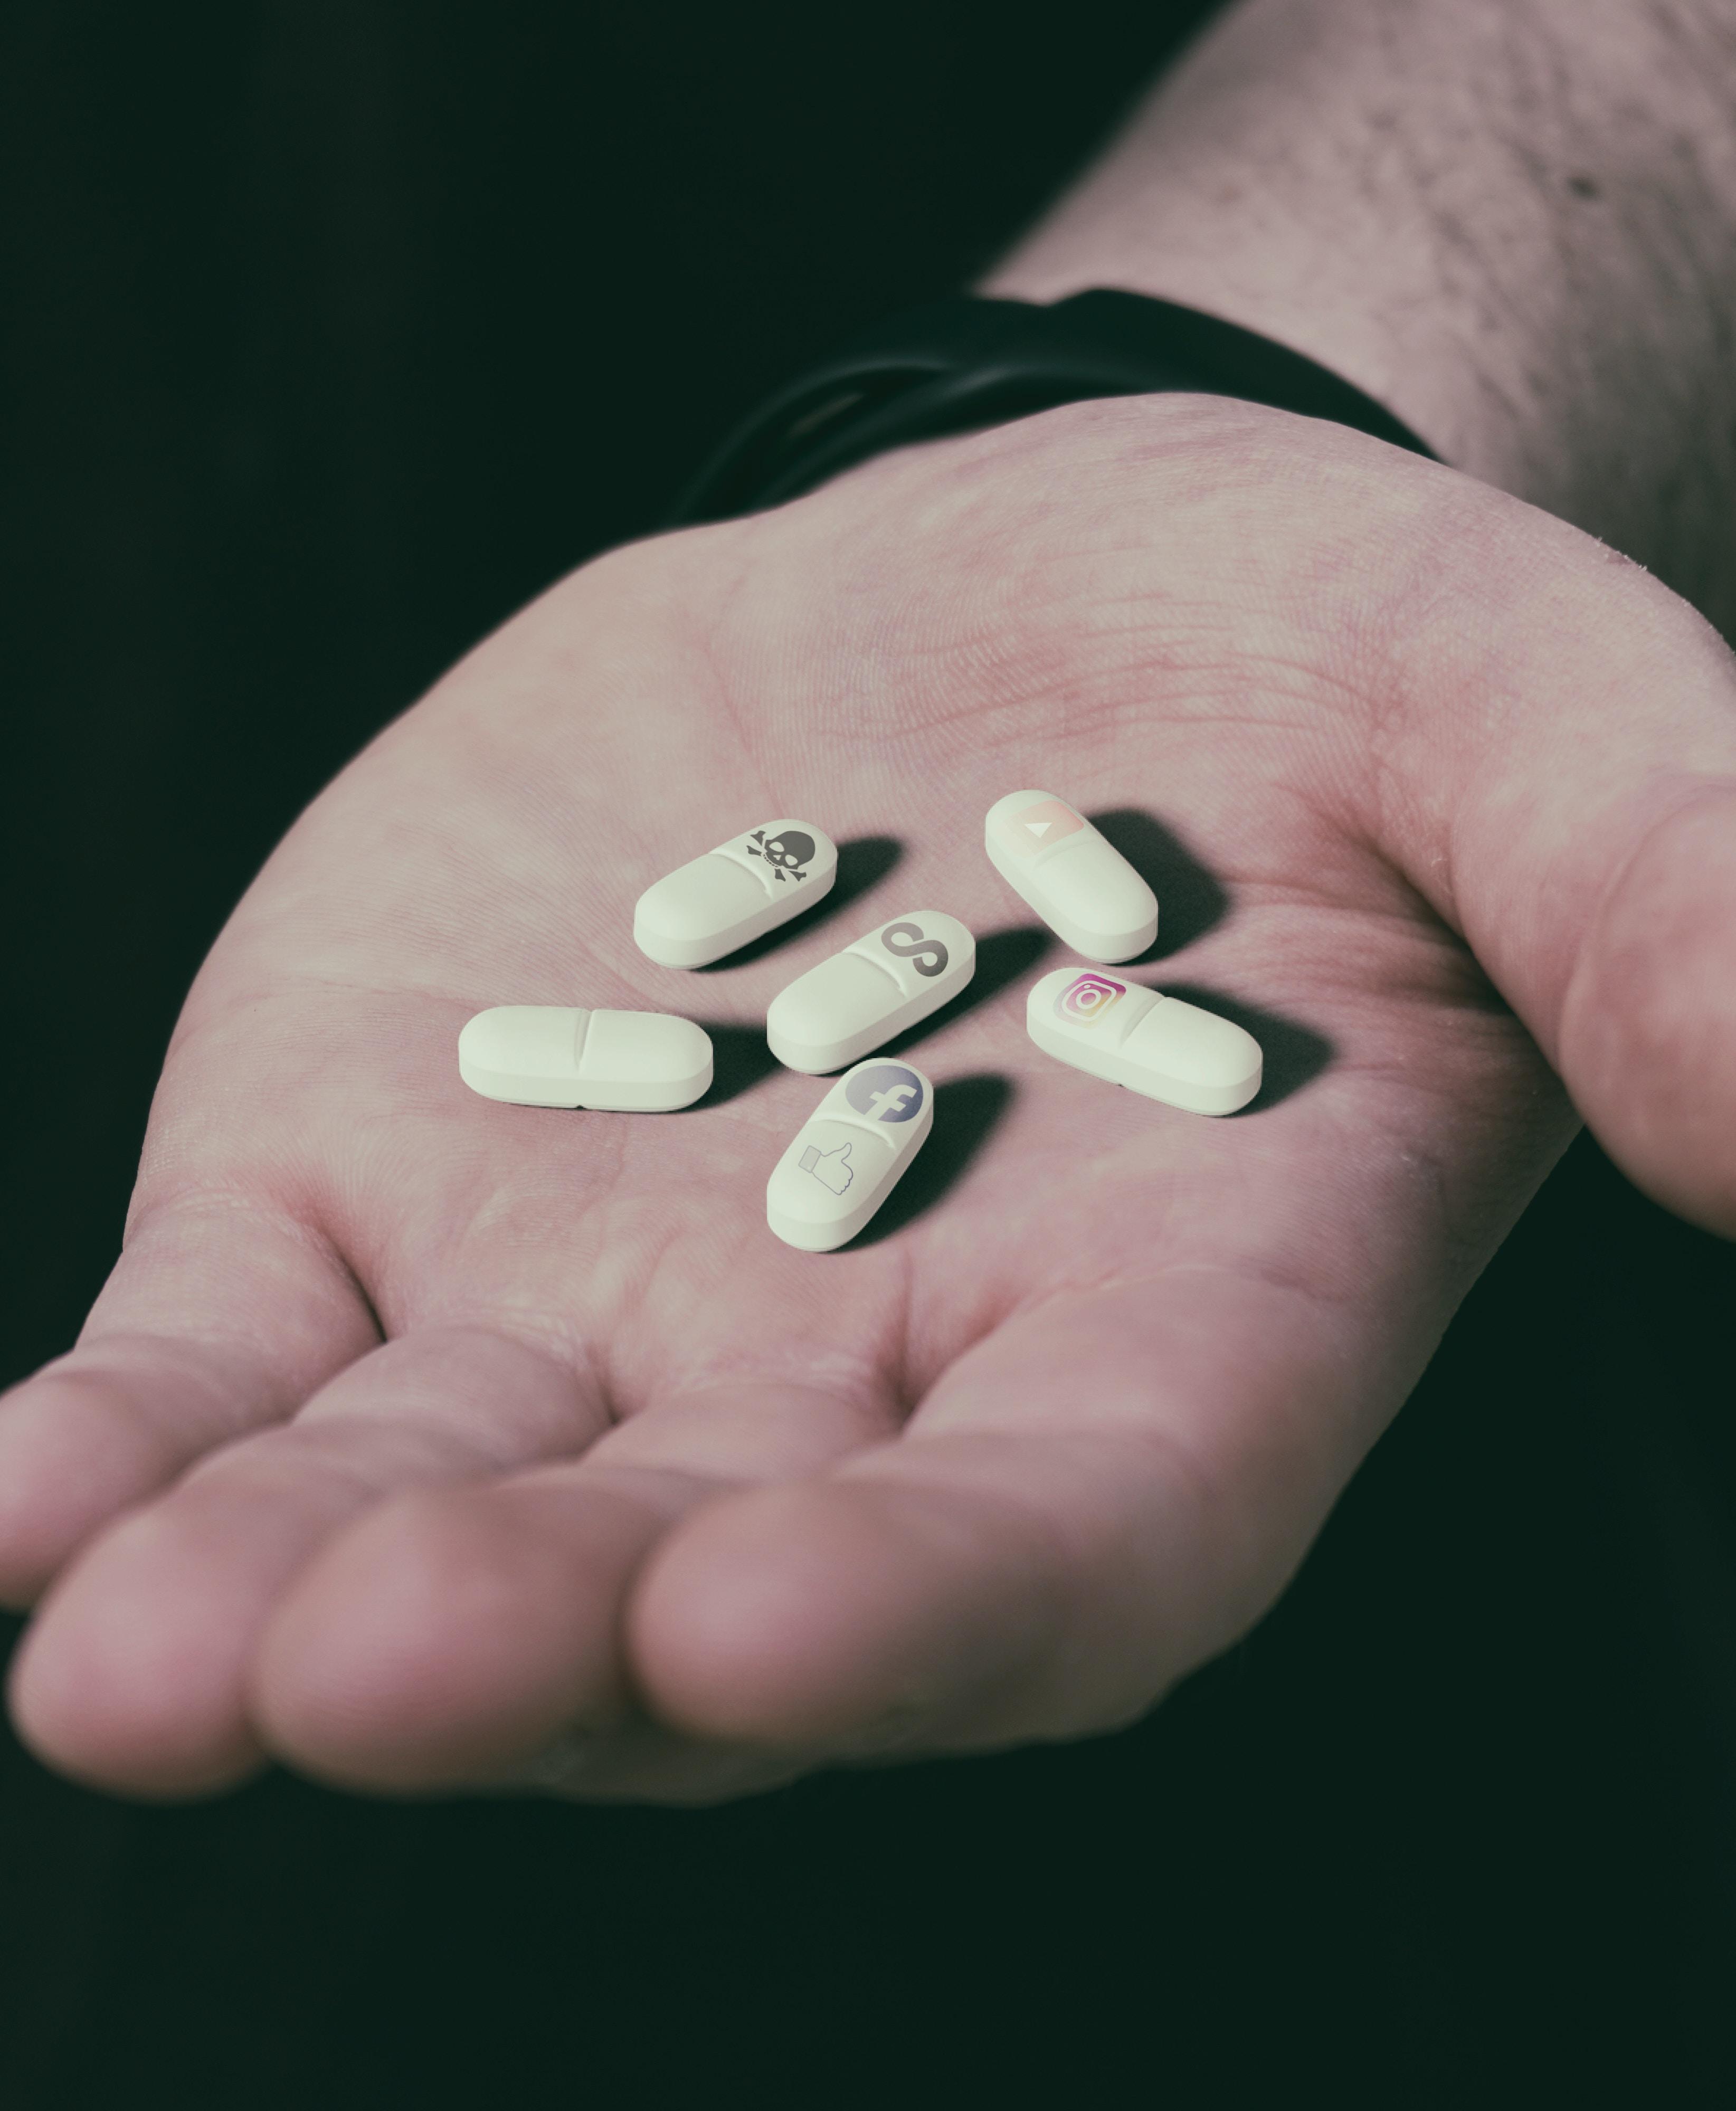 Få hjælp og støtte til et liv uden afhængighed med et ophold på et misbrugscenter